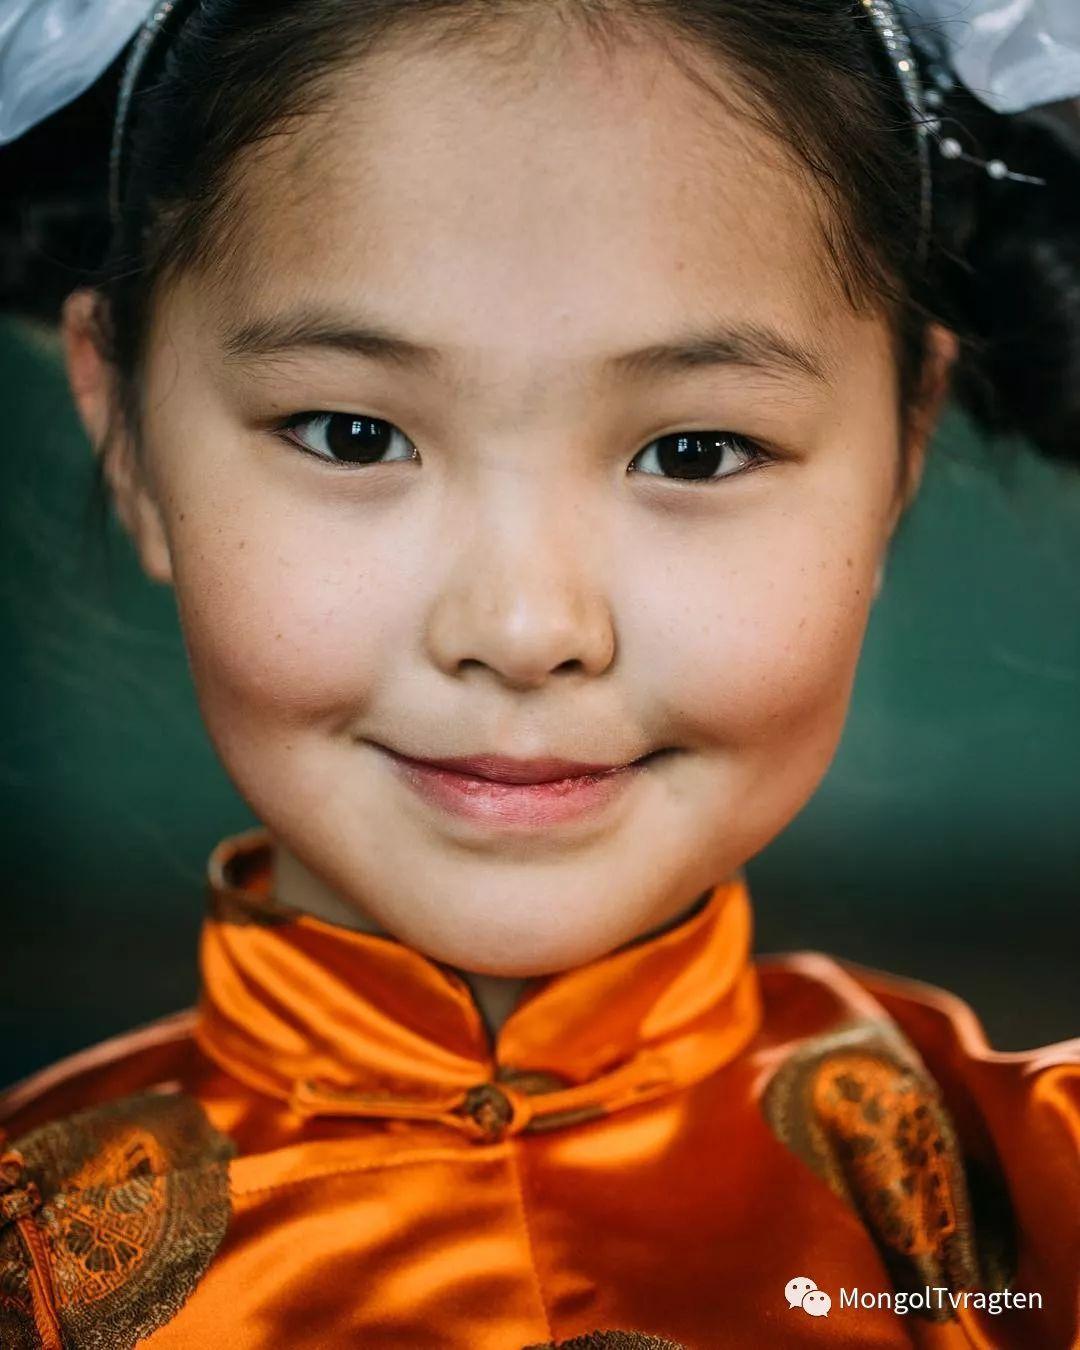 蒙古影像-- khangaikhuu.P 第3张 蒙古影像-- khangaikhuu.P 蒙古文化